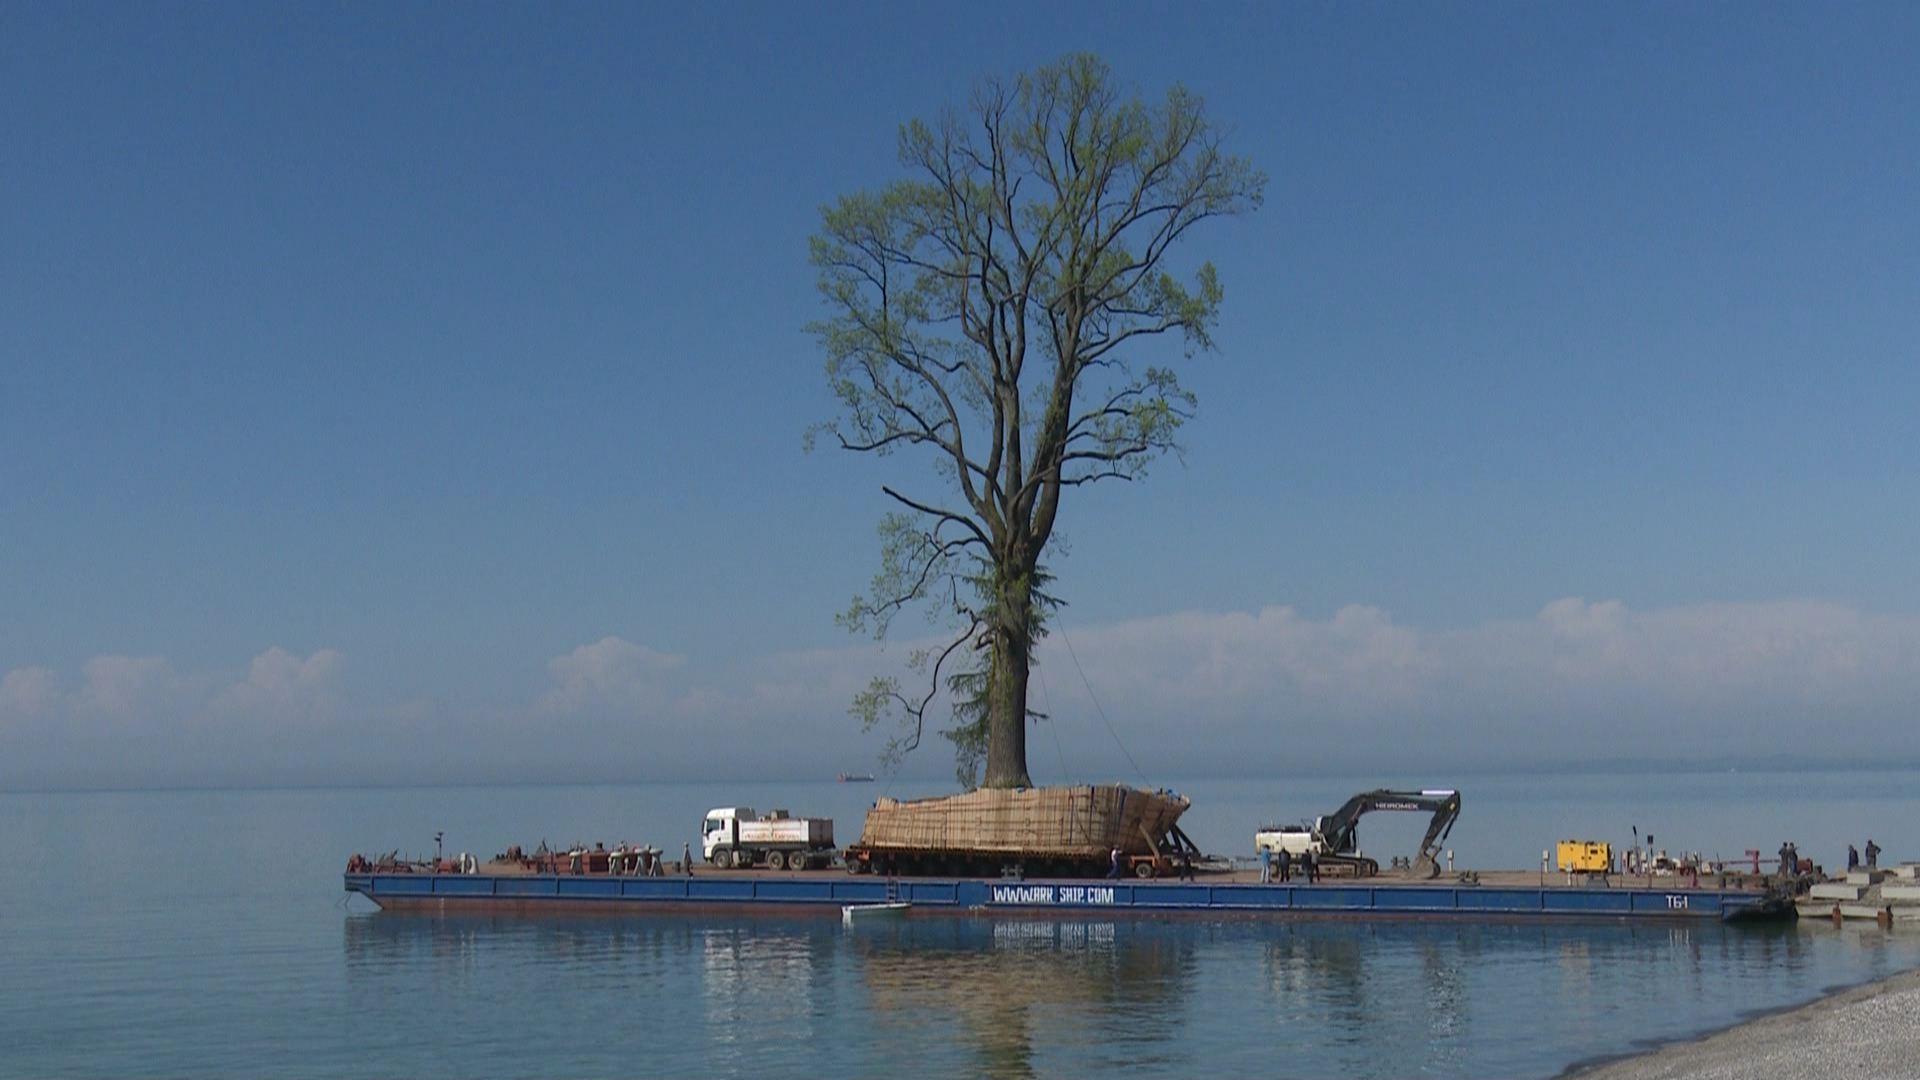 ტიტის ხე დენდროლოგიურ პარკში გადასატანად მზადაა